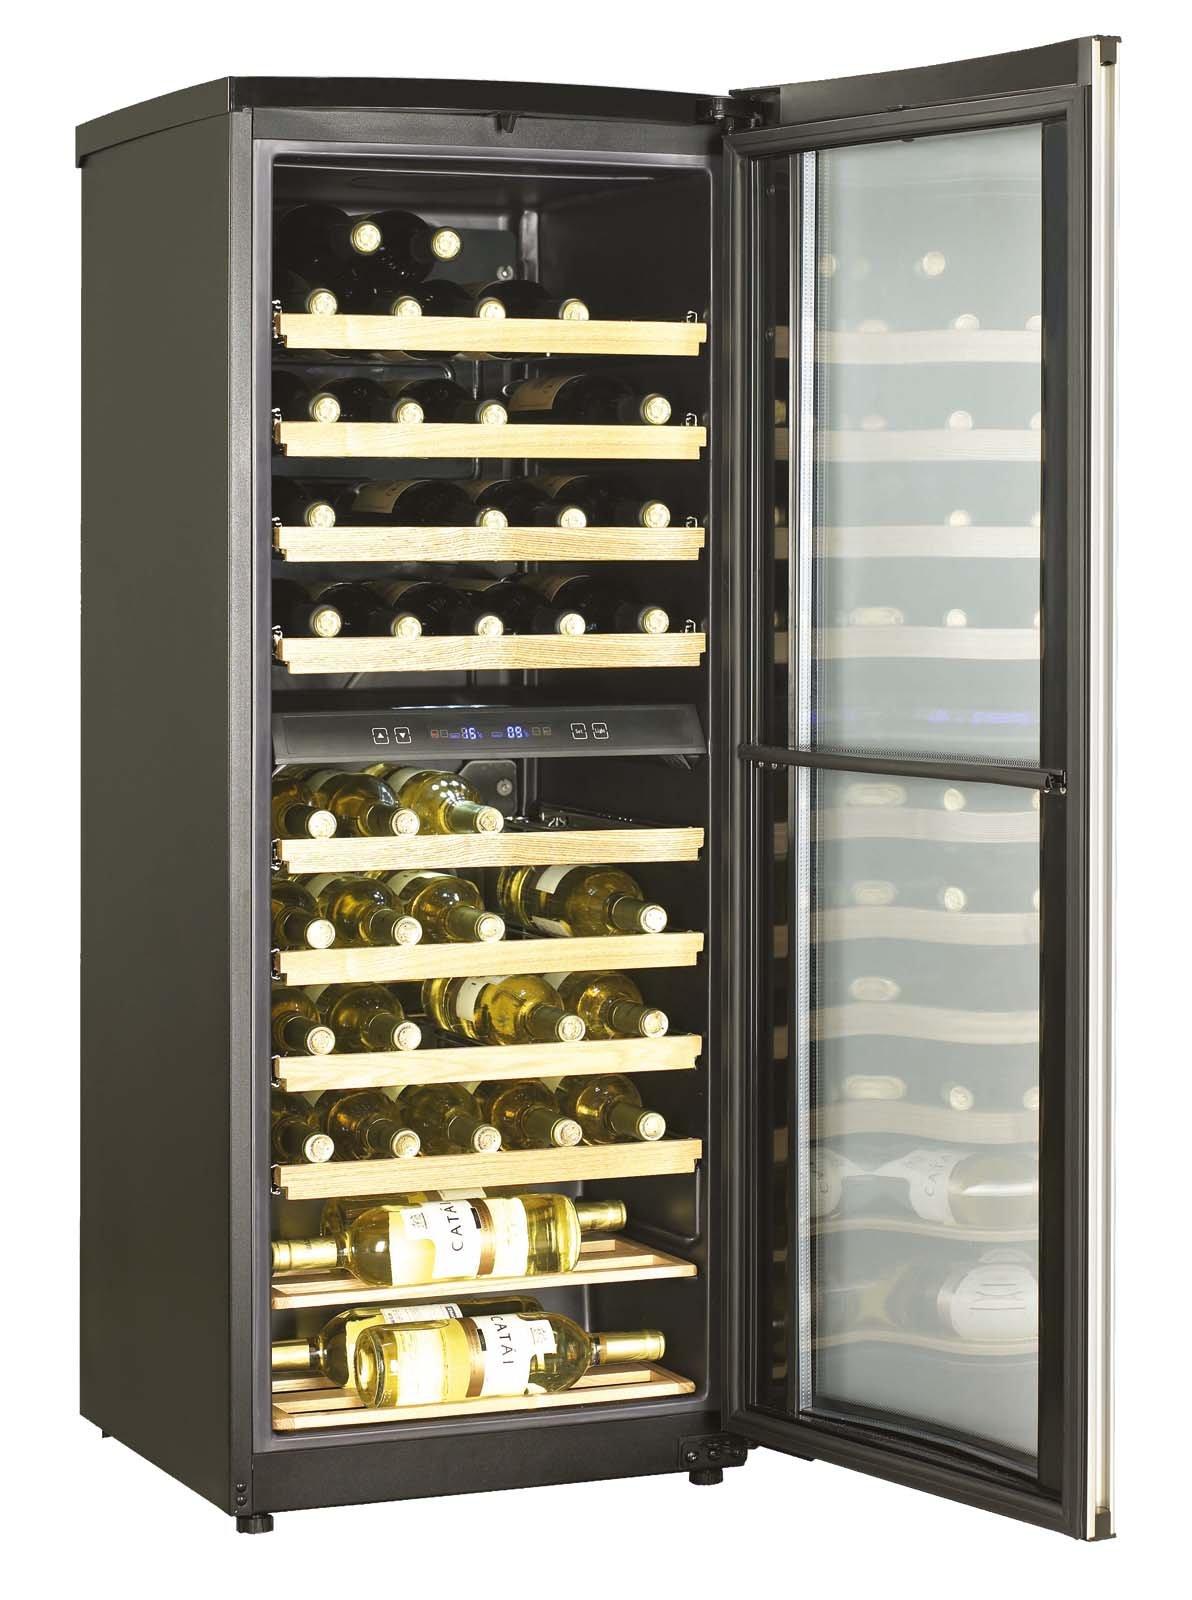 Le cantinette per conservare bene il vino  Cose di Casa